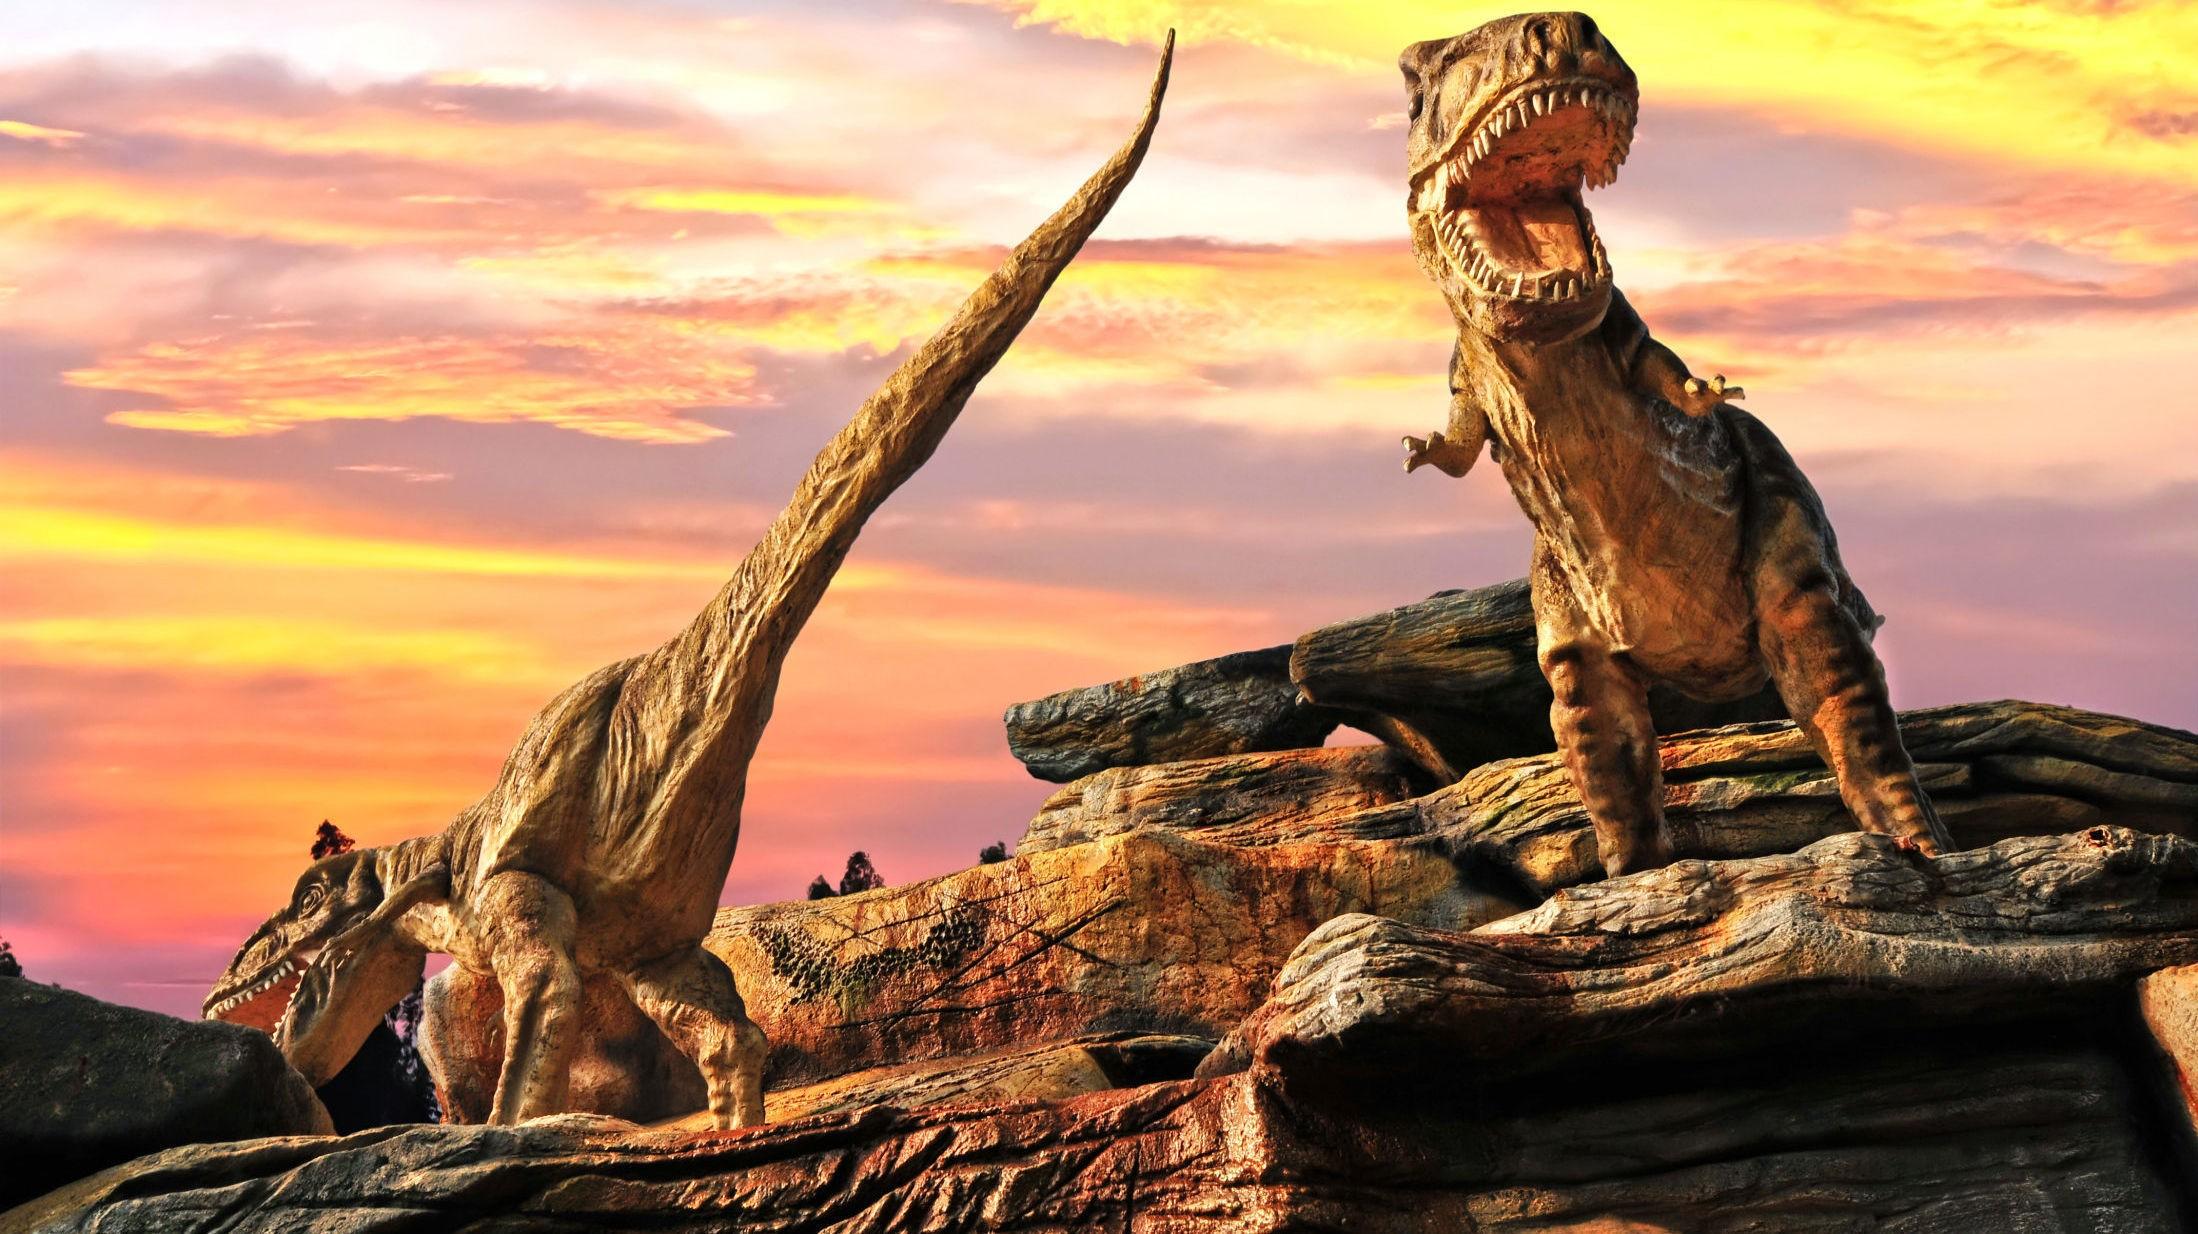 SKREMMENDE: I 30 millioner år holdt dinosaurene seg unna ekvator. Klimaet her var så brutalt at bare små kjøttetere kunne overleve. På den tiden var nivået av karbondioksid 4-6 ganger høyere enn i dag. Siden den industrielle revolusjon har mengden CO2 i atmosfæren mer enn doblet seg, og gitt en global temperaturøkning på 0,85 grader. Men utslippene fortsetter å øke. Med dagens tempo vil gjennomsnittstemperaturen på jorden stige med mellom 4 og 6 grader før århundret er omme. En overveldende majoritet av klodens fattigste mennesker lever nå langs ekvator.